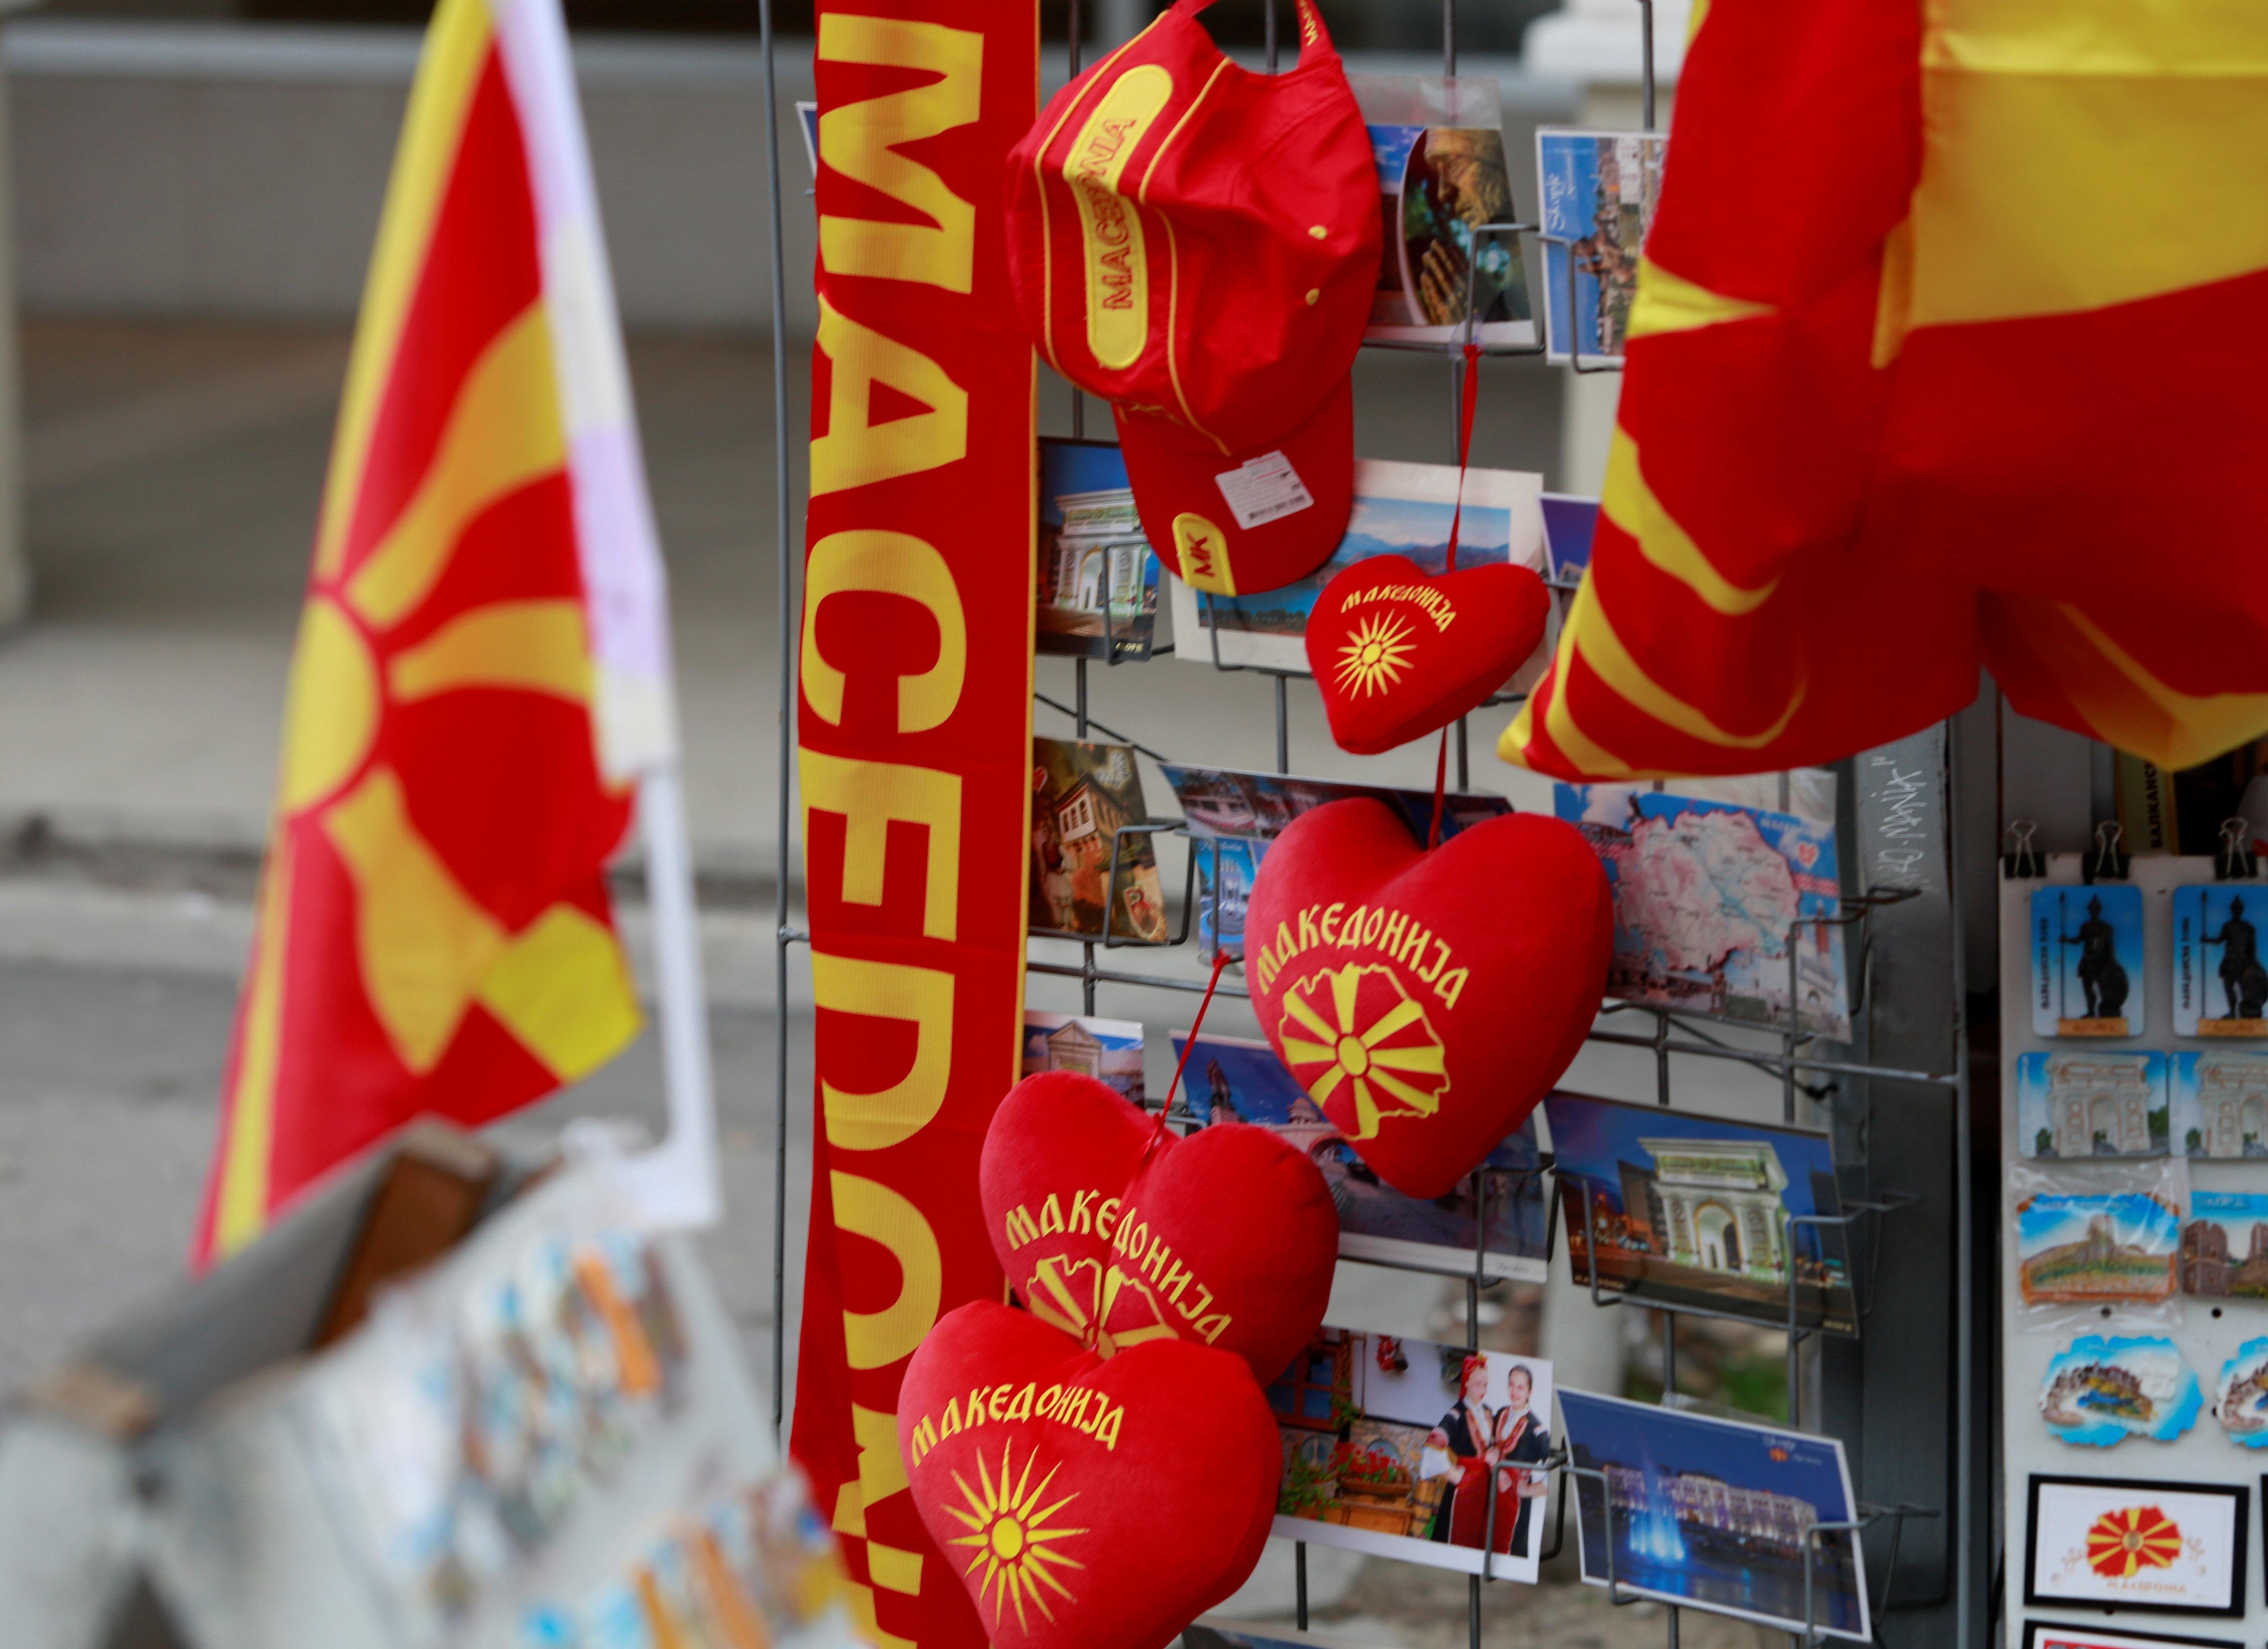 Ανησυχία σε ελληνικές επιχειρήσεις για την εμπορική χρήση του όρου «Μακεδονία» στο πλαίσιο της συμφωνίας